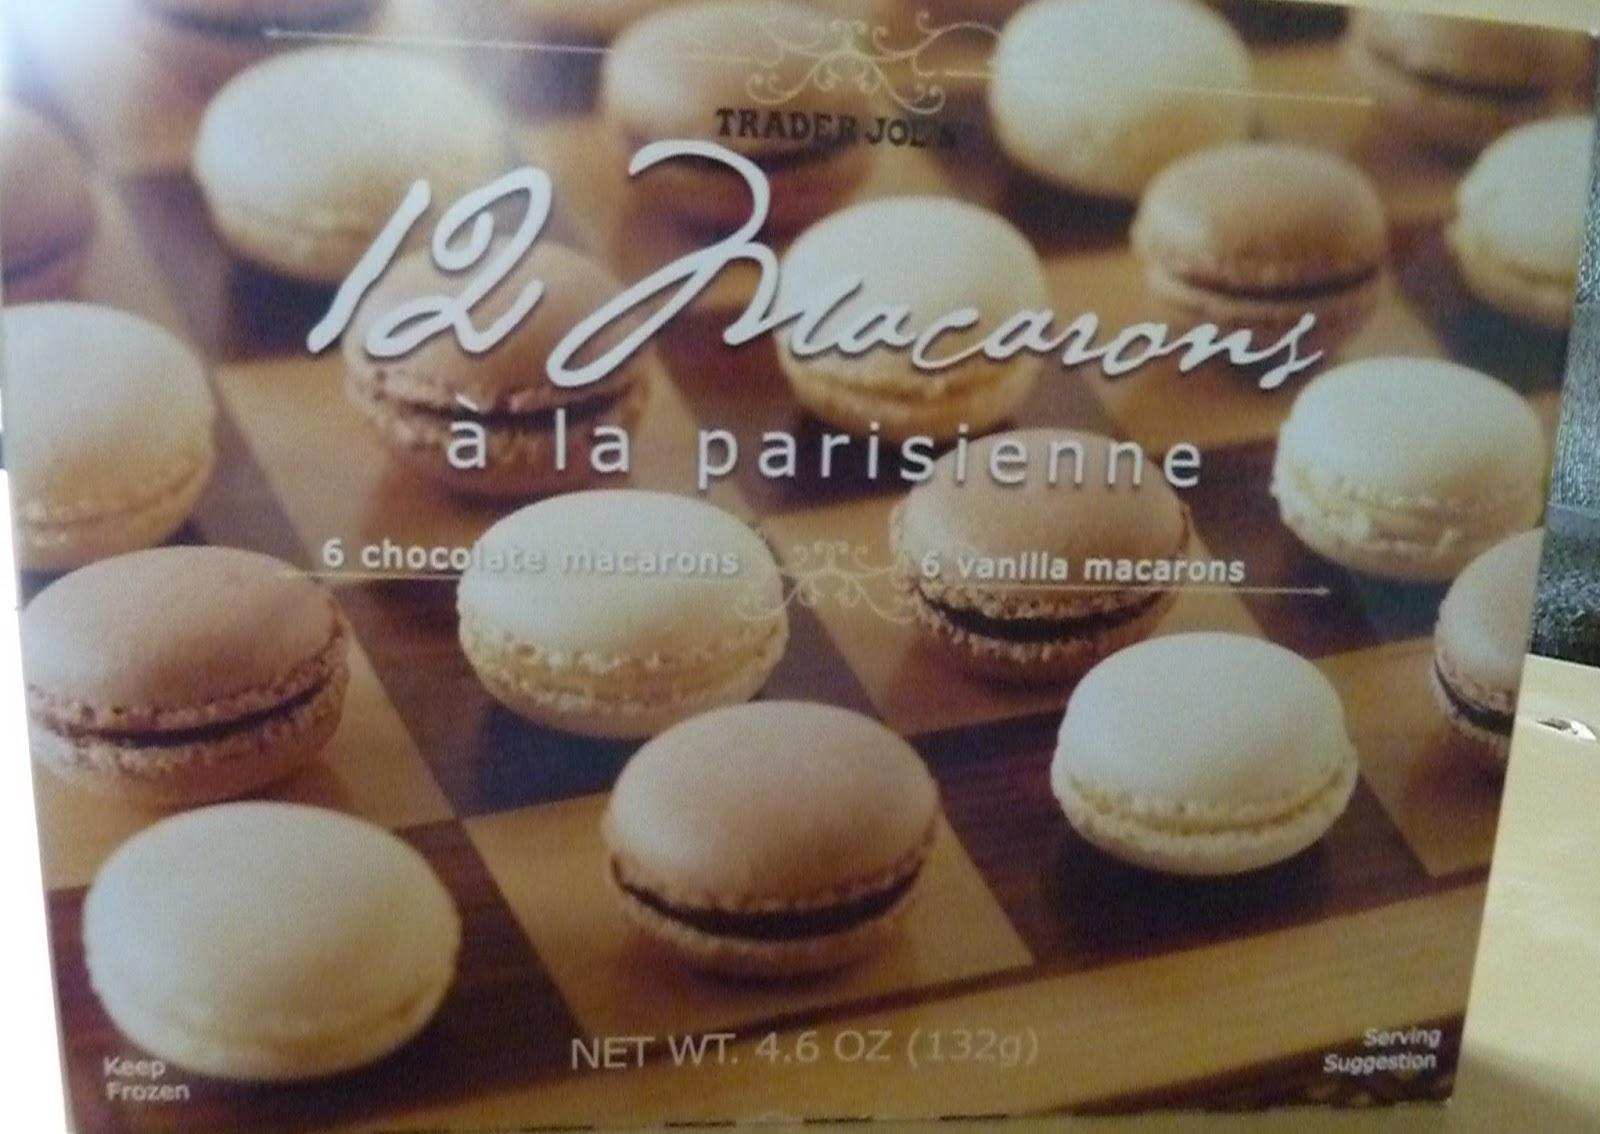 What S Good At Trader Joe S Trader Joe S 12 Macarons A La Parisienne